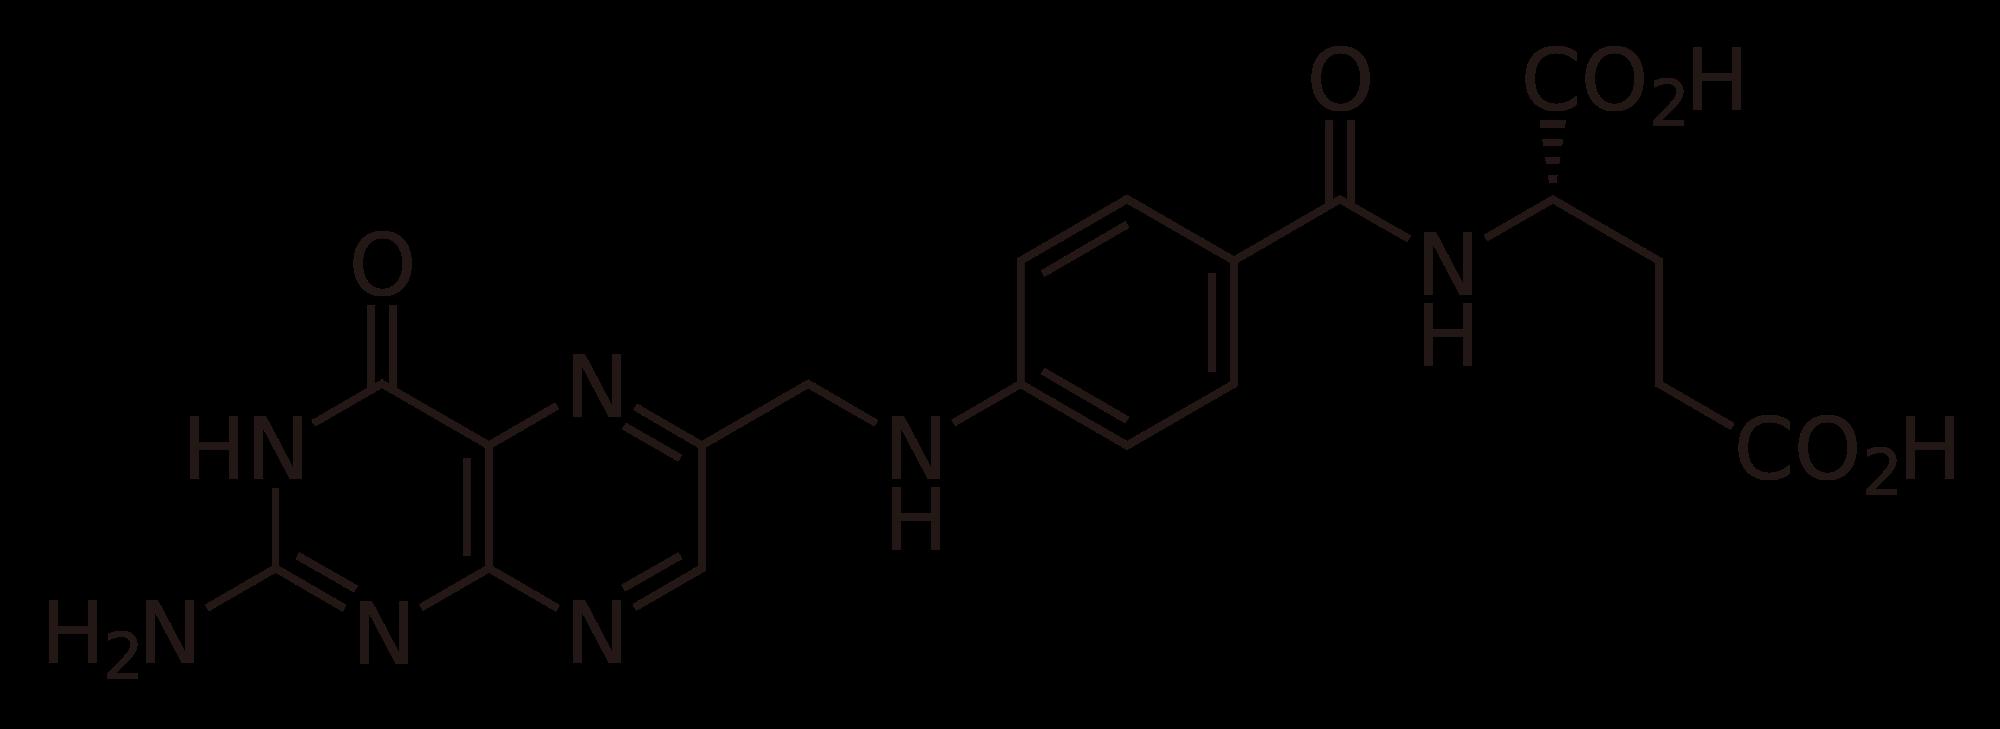 Peptostreptococcus ciprofloxacin